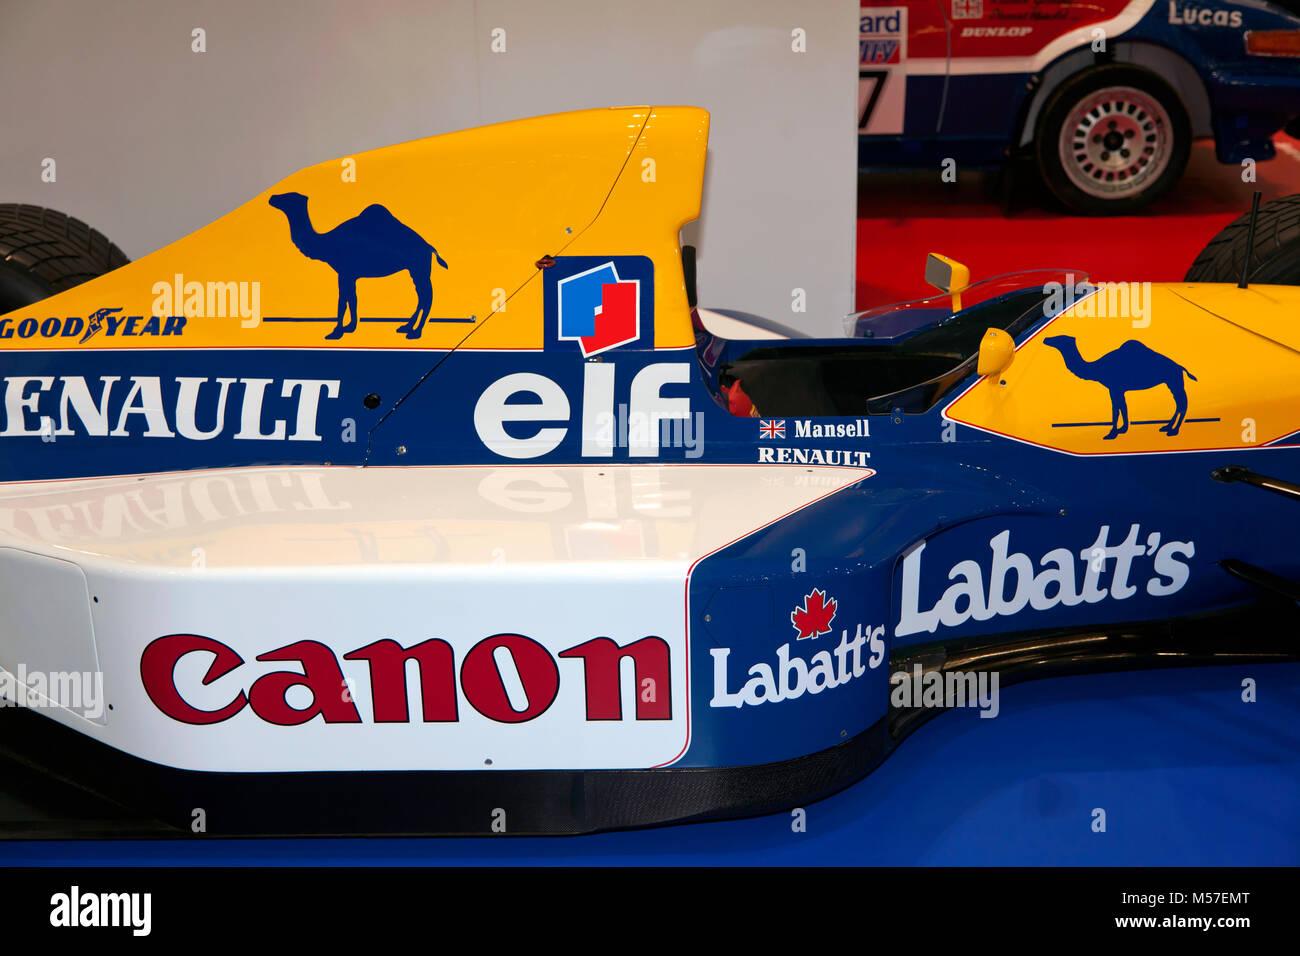 Close-up de Nigel Mansell's Williams FW14B de Formule 1 dans lequel il a remporté le Championnat des pilotes, à l'affiche au Salon de voitures Londres 2018 Banque D'Images